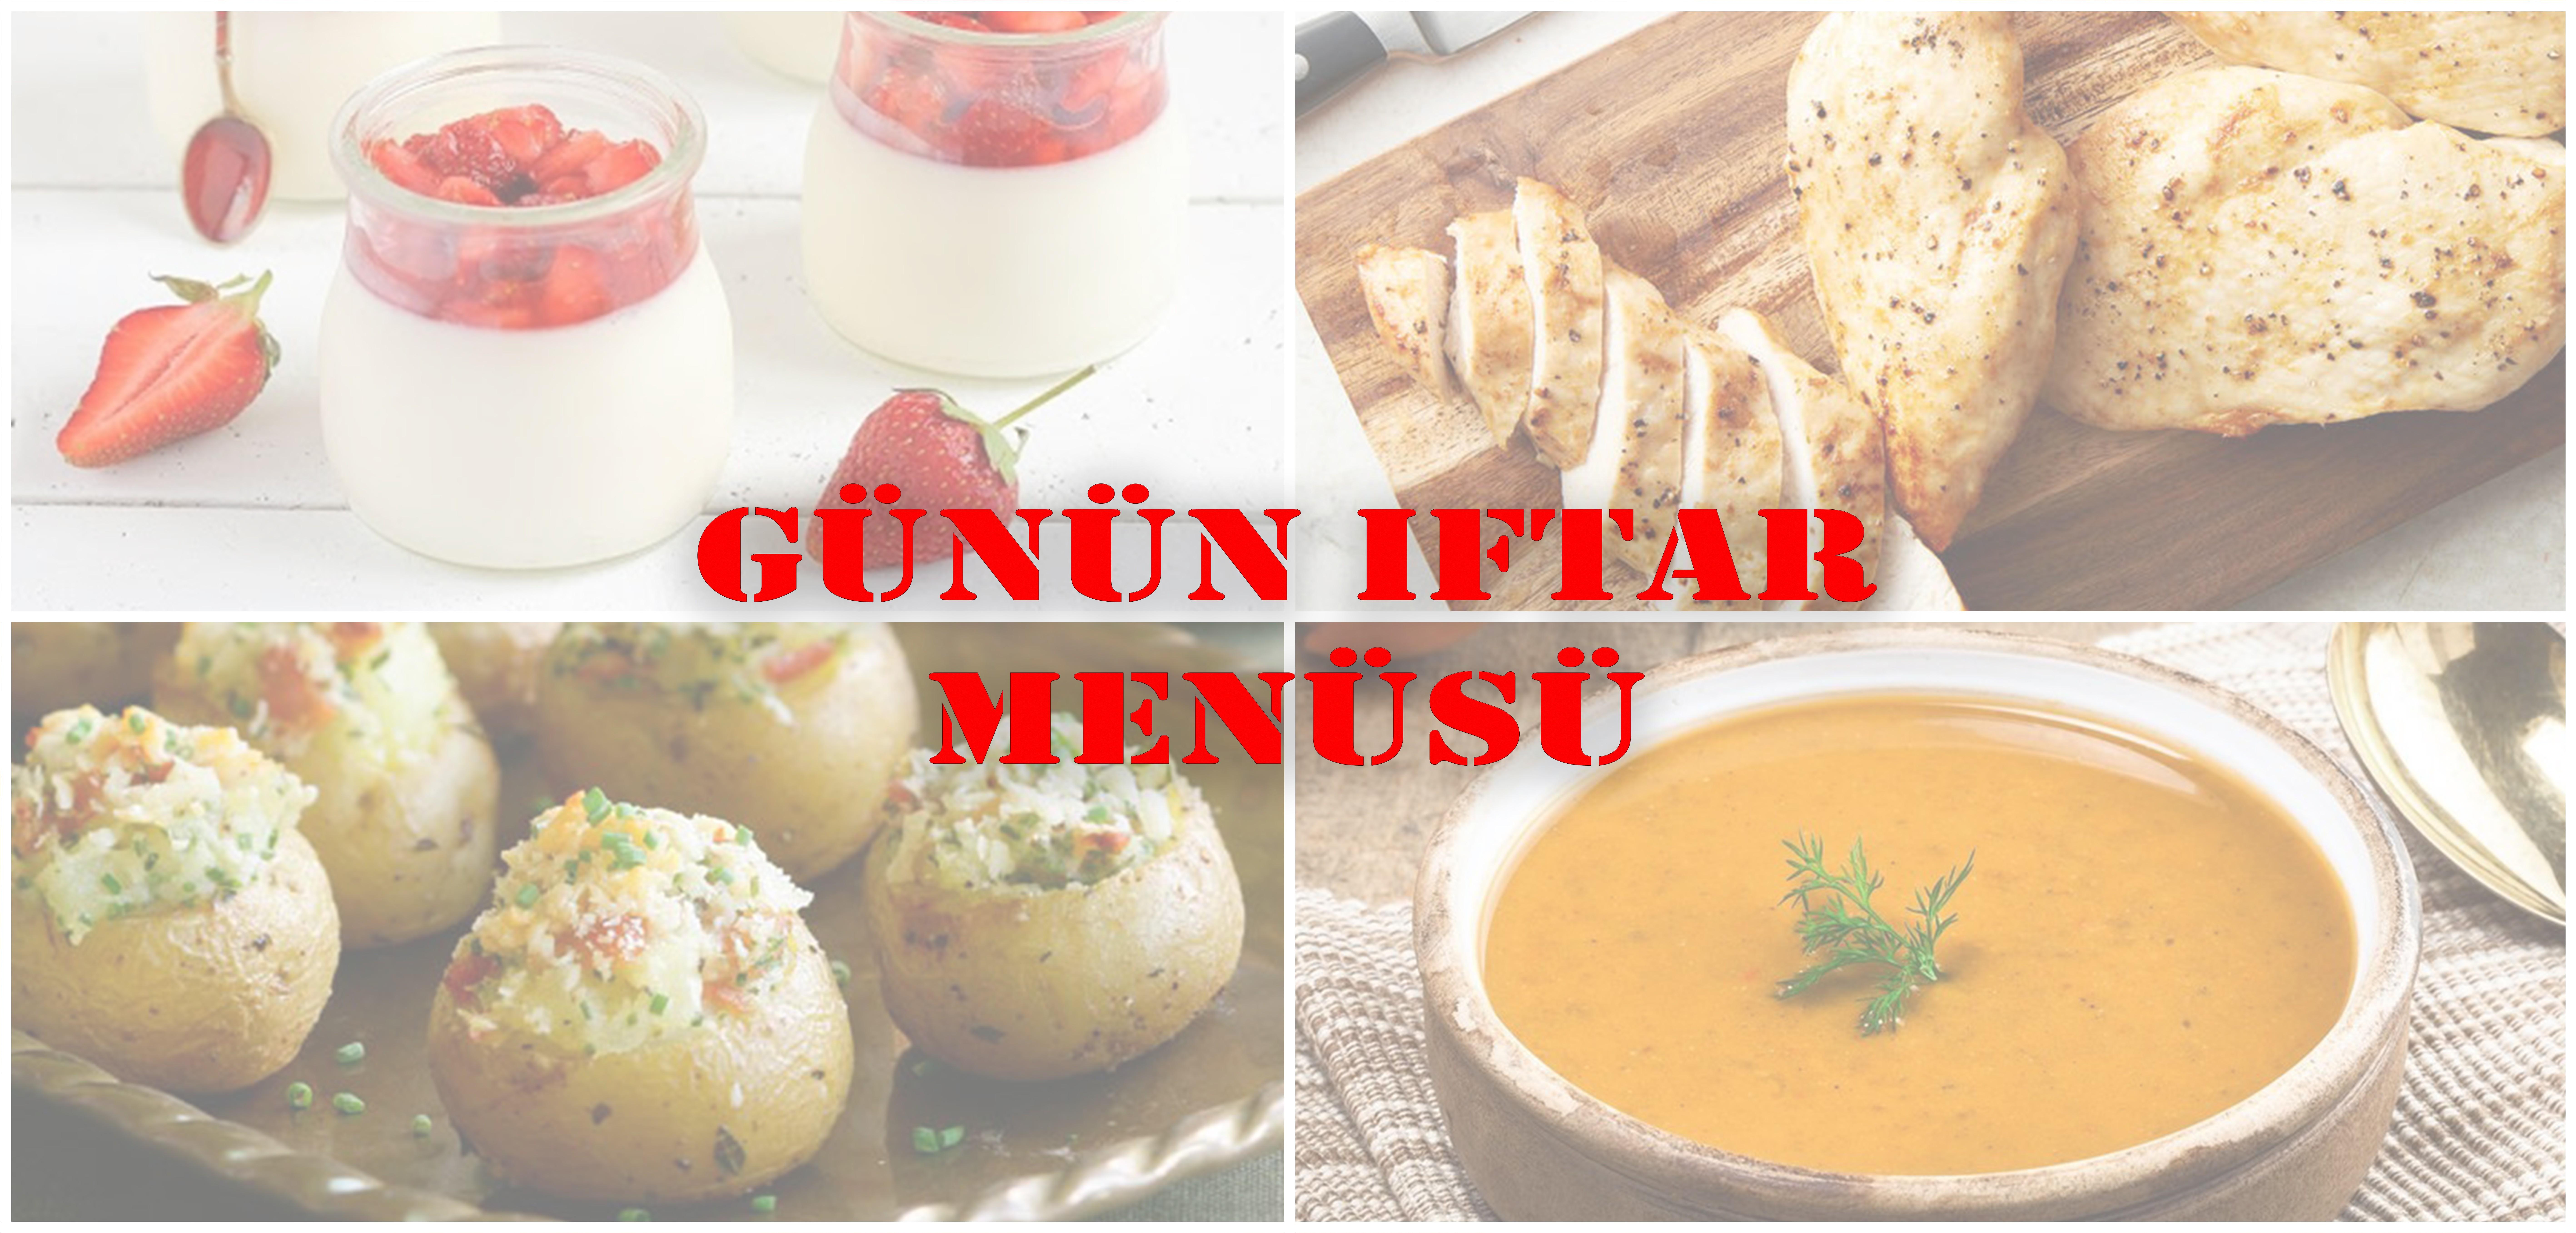 Günün iftar menüsü   Ramazan menüsü